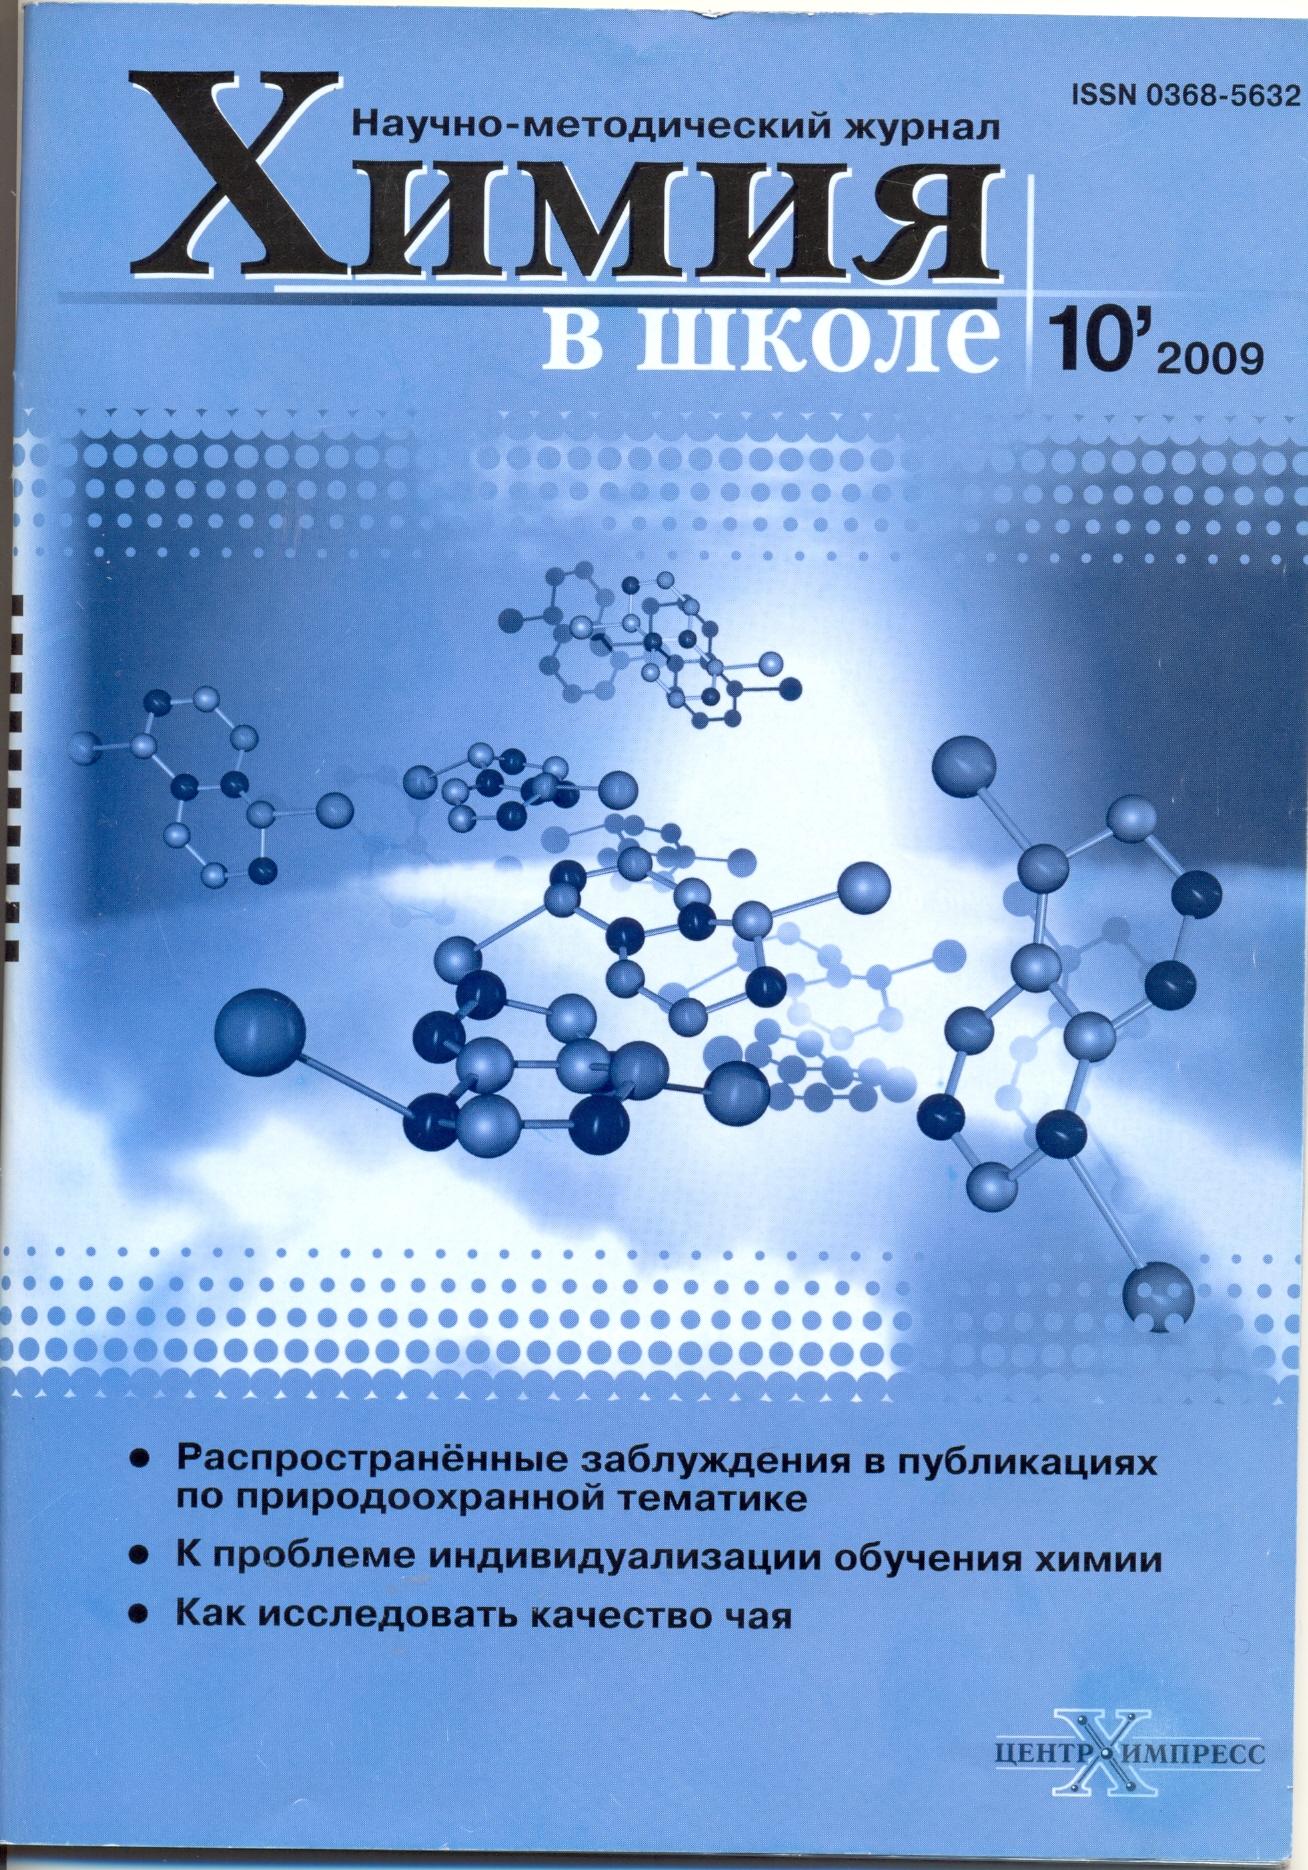 В журнале химия в школе 10 2009 год